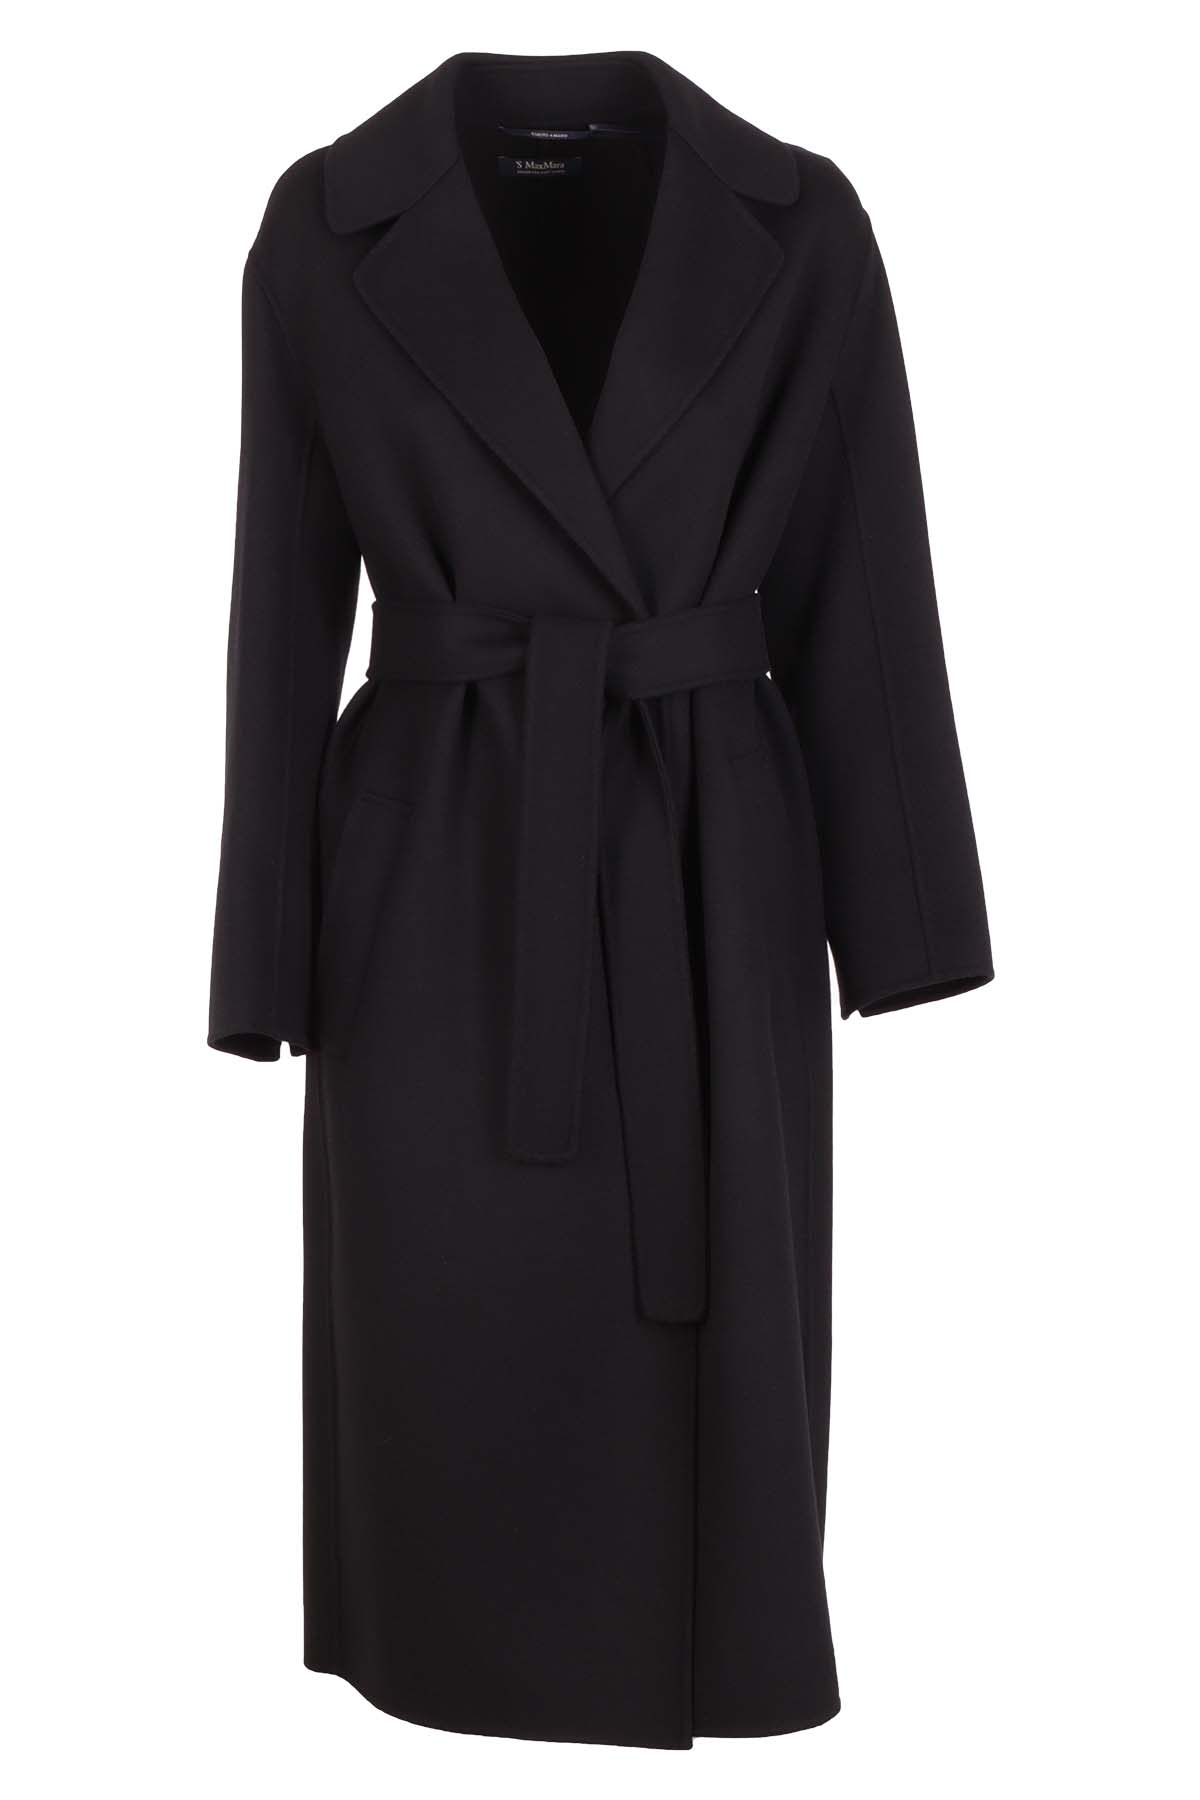 Coat S Max Mara